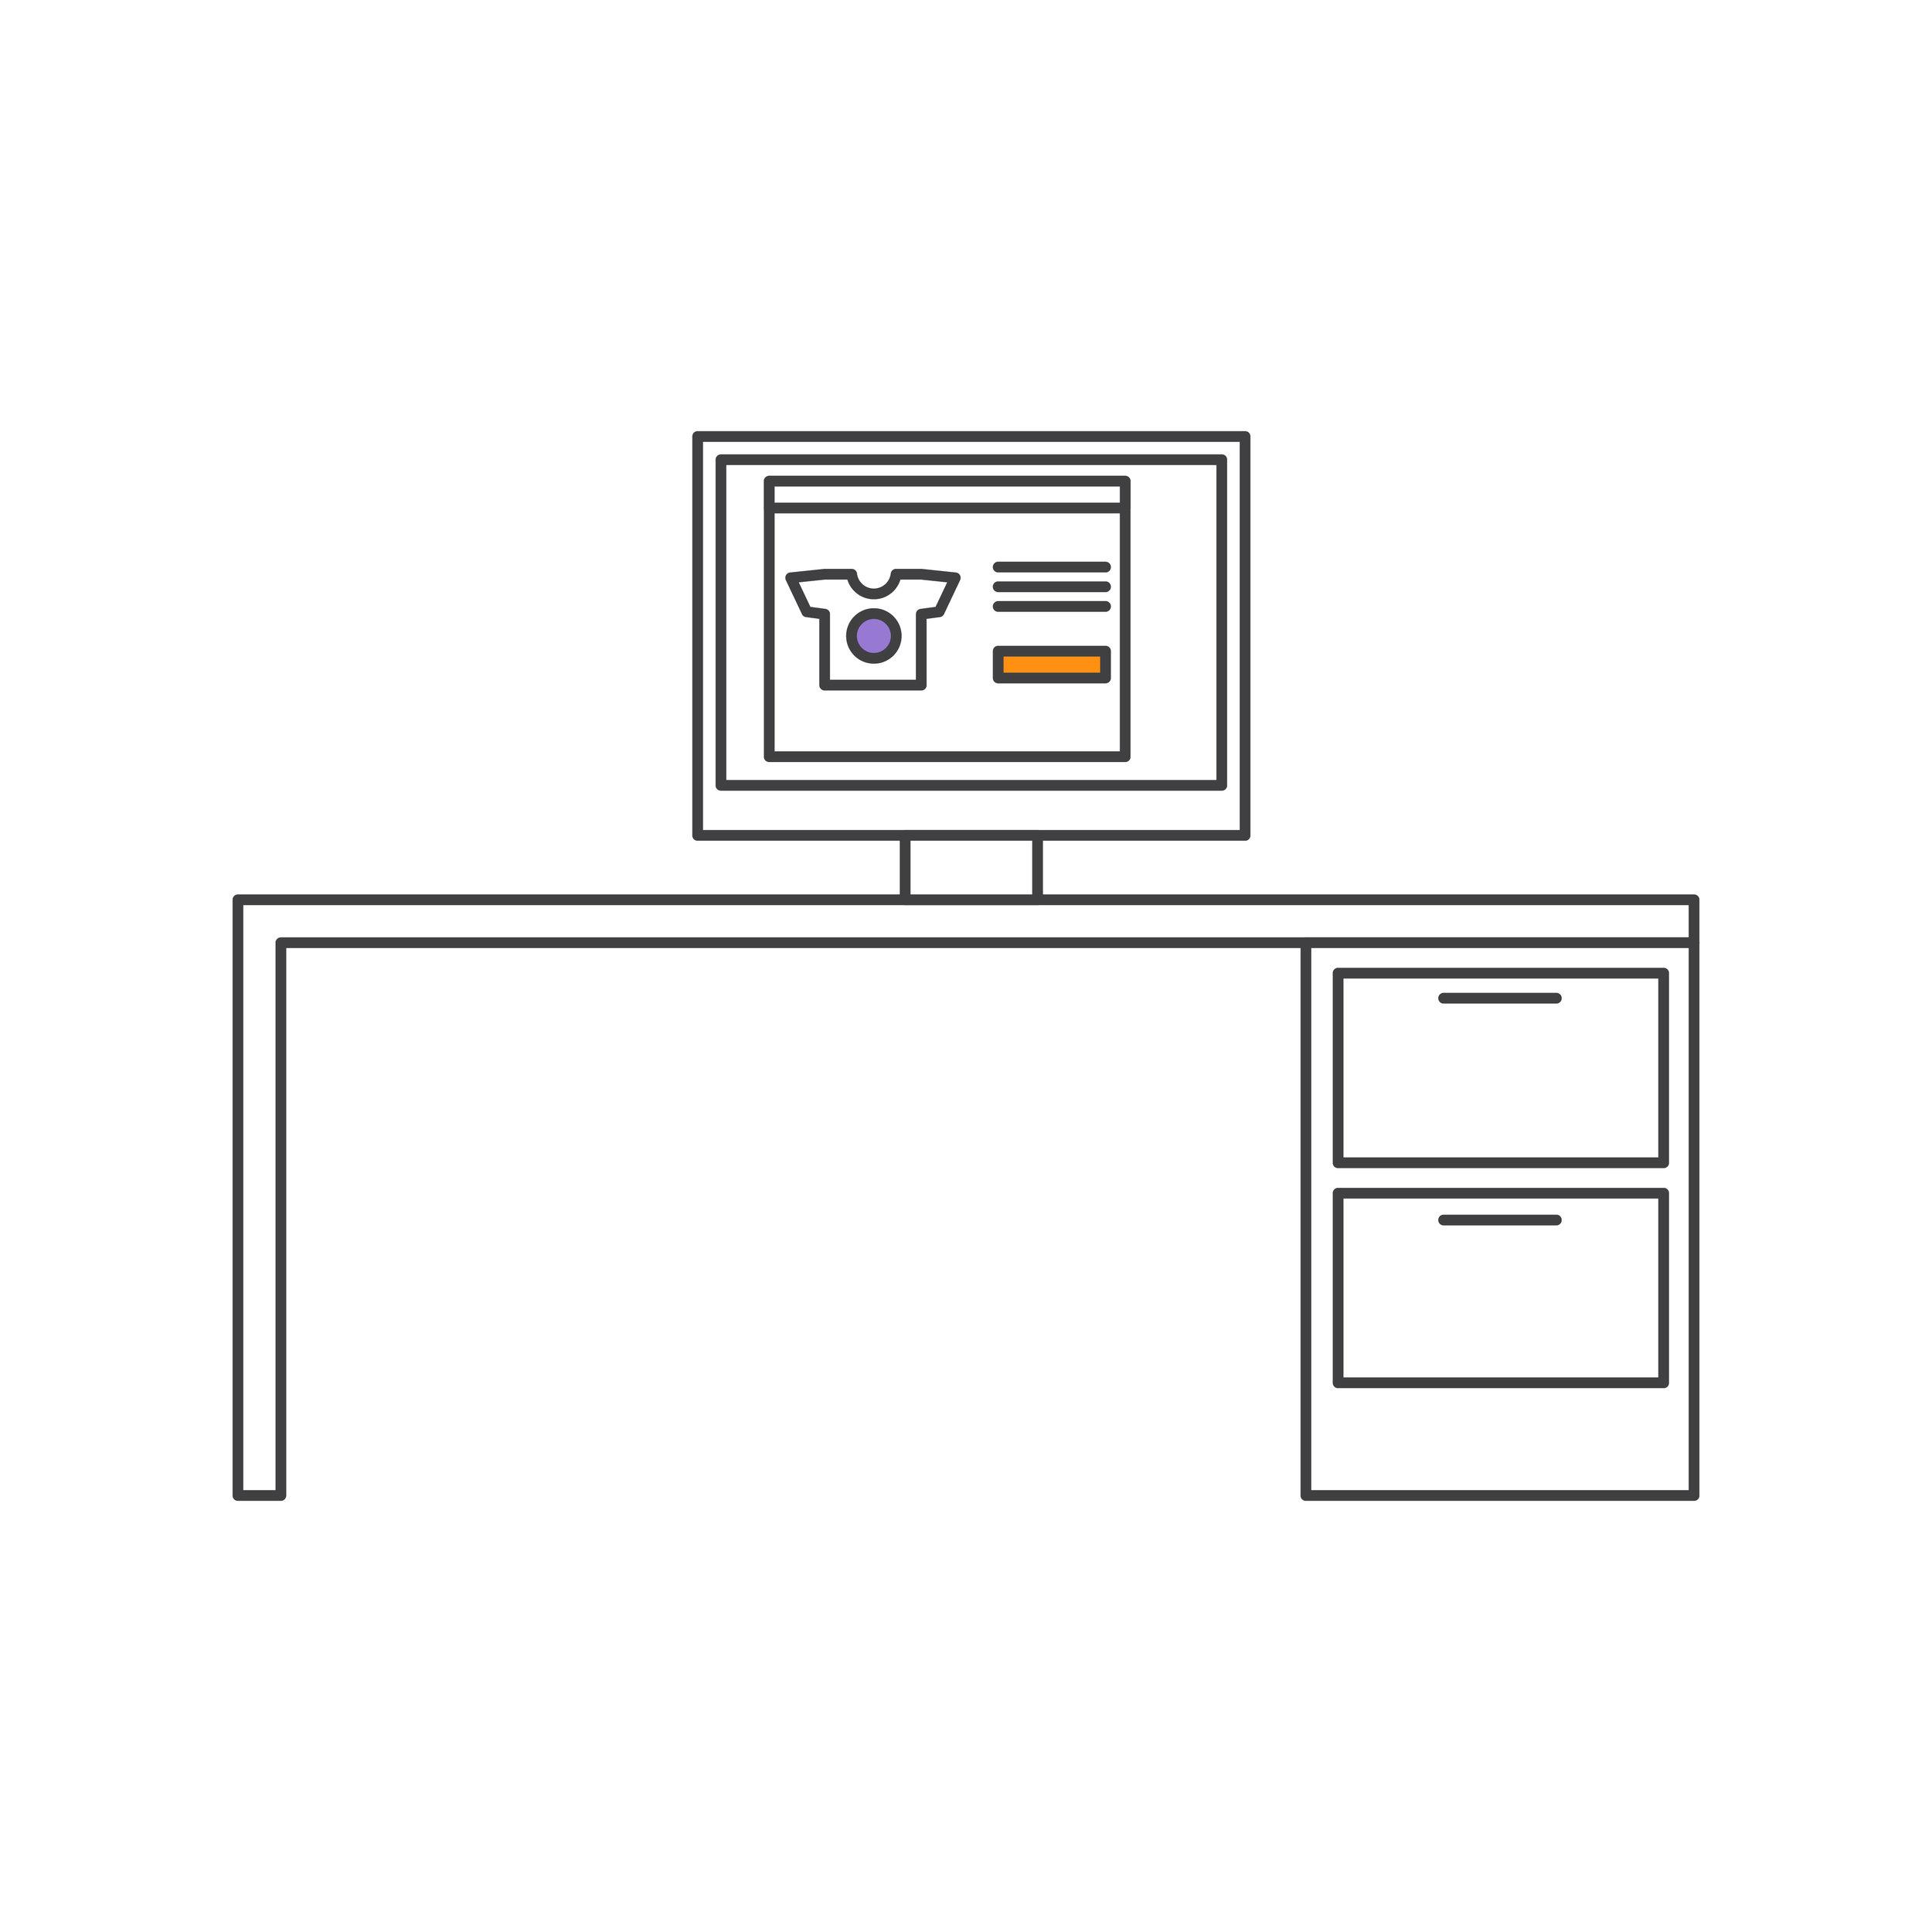 shop illustrations-01.jpg